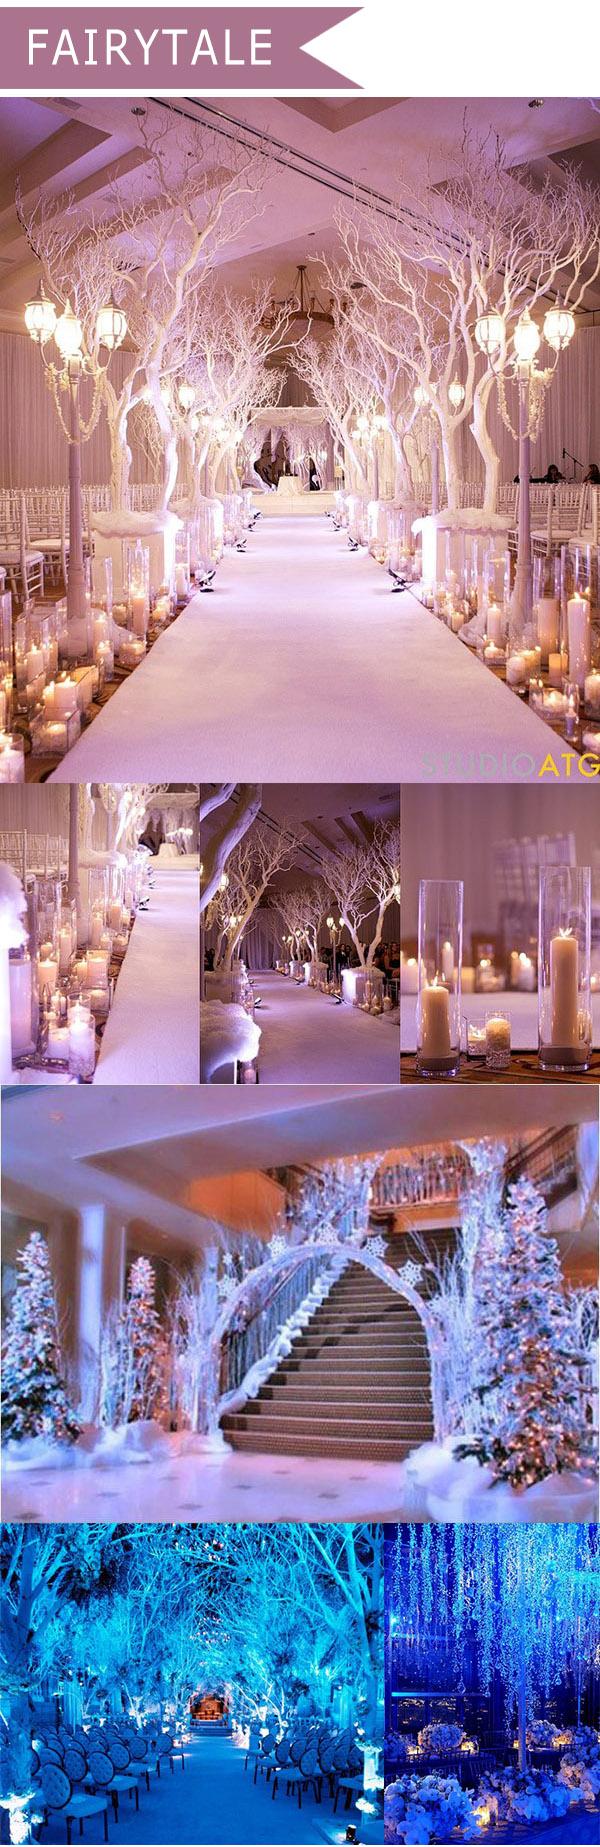 fairytale-themed-wedding-decoration-ideas